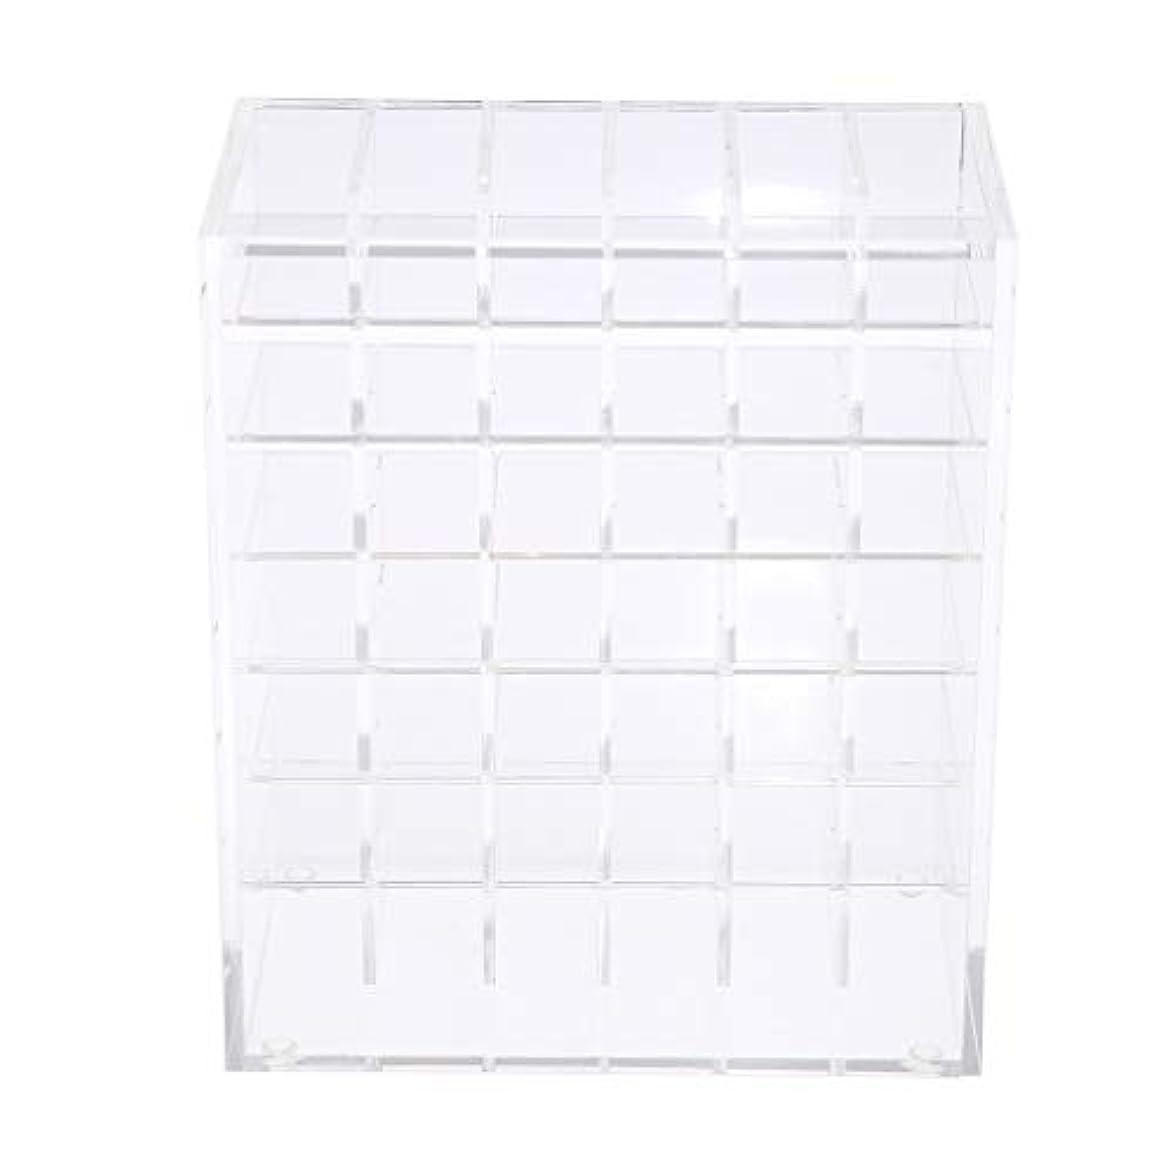 要求するワーム日食口紅ホルダー リップホルダー 化粧品ディスプレイ スタンド アクリルケース 42個収納スタンド